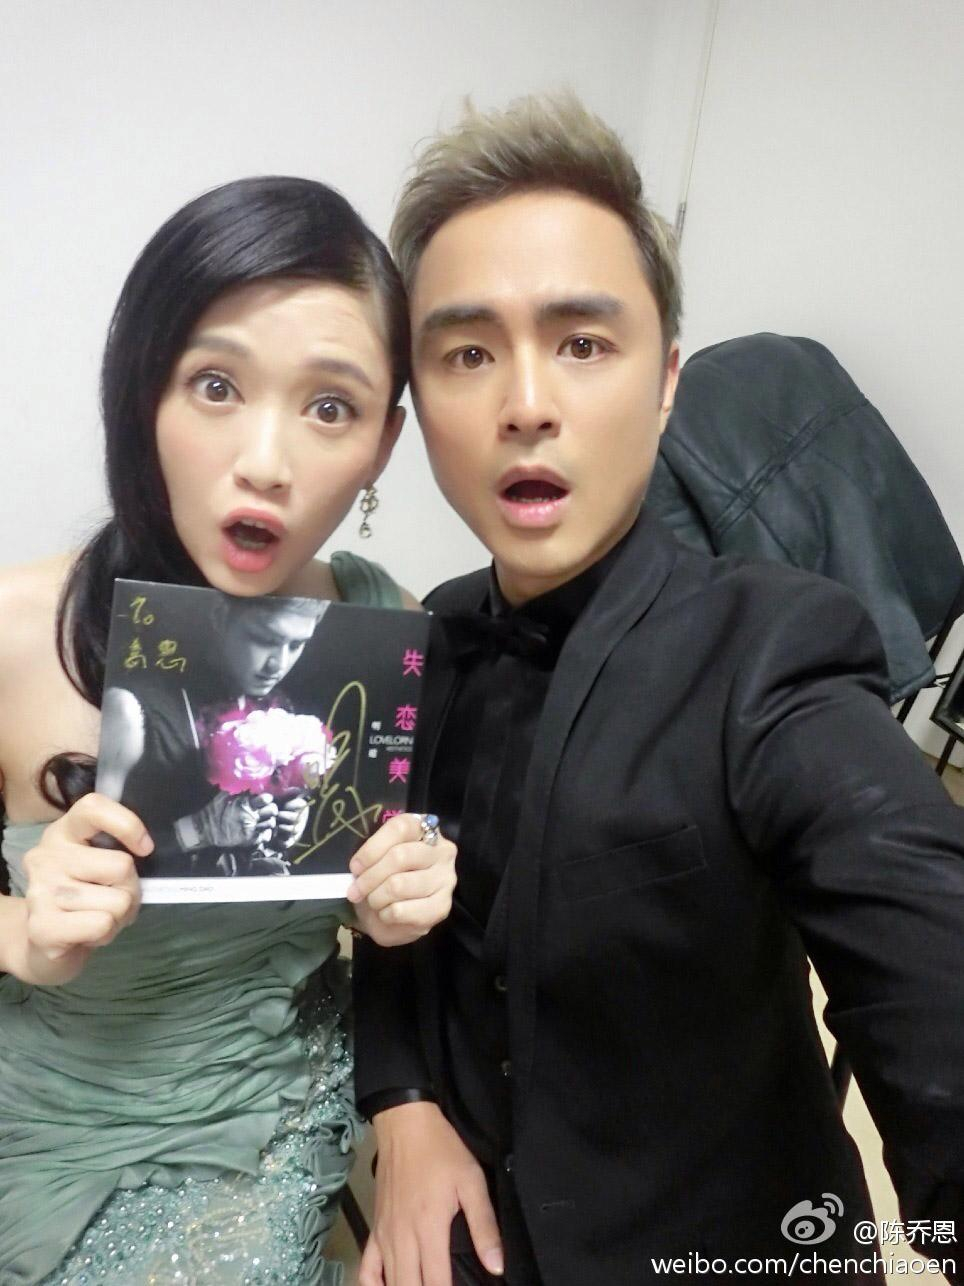 明道和陳喬恩當年合作《王子變青蛙》,成了最成功的偶像劇,兩人如今都已是中國一線紅星。(翻攝自陳喬恩微博)